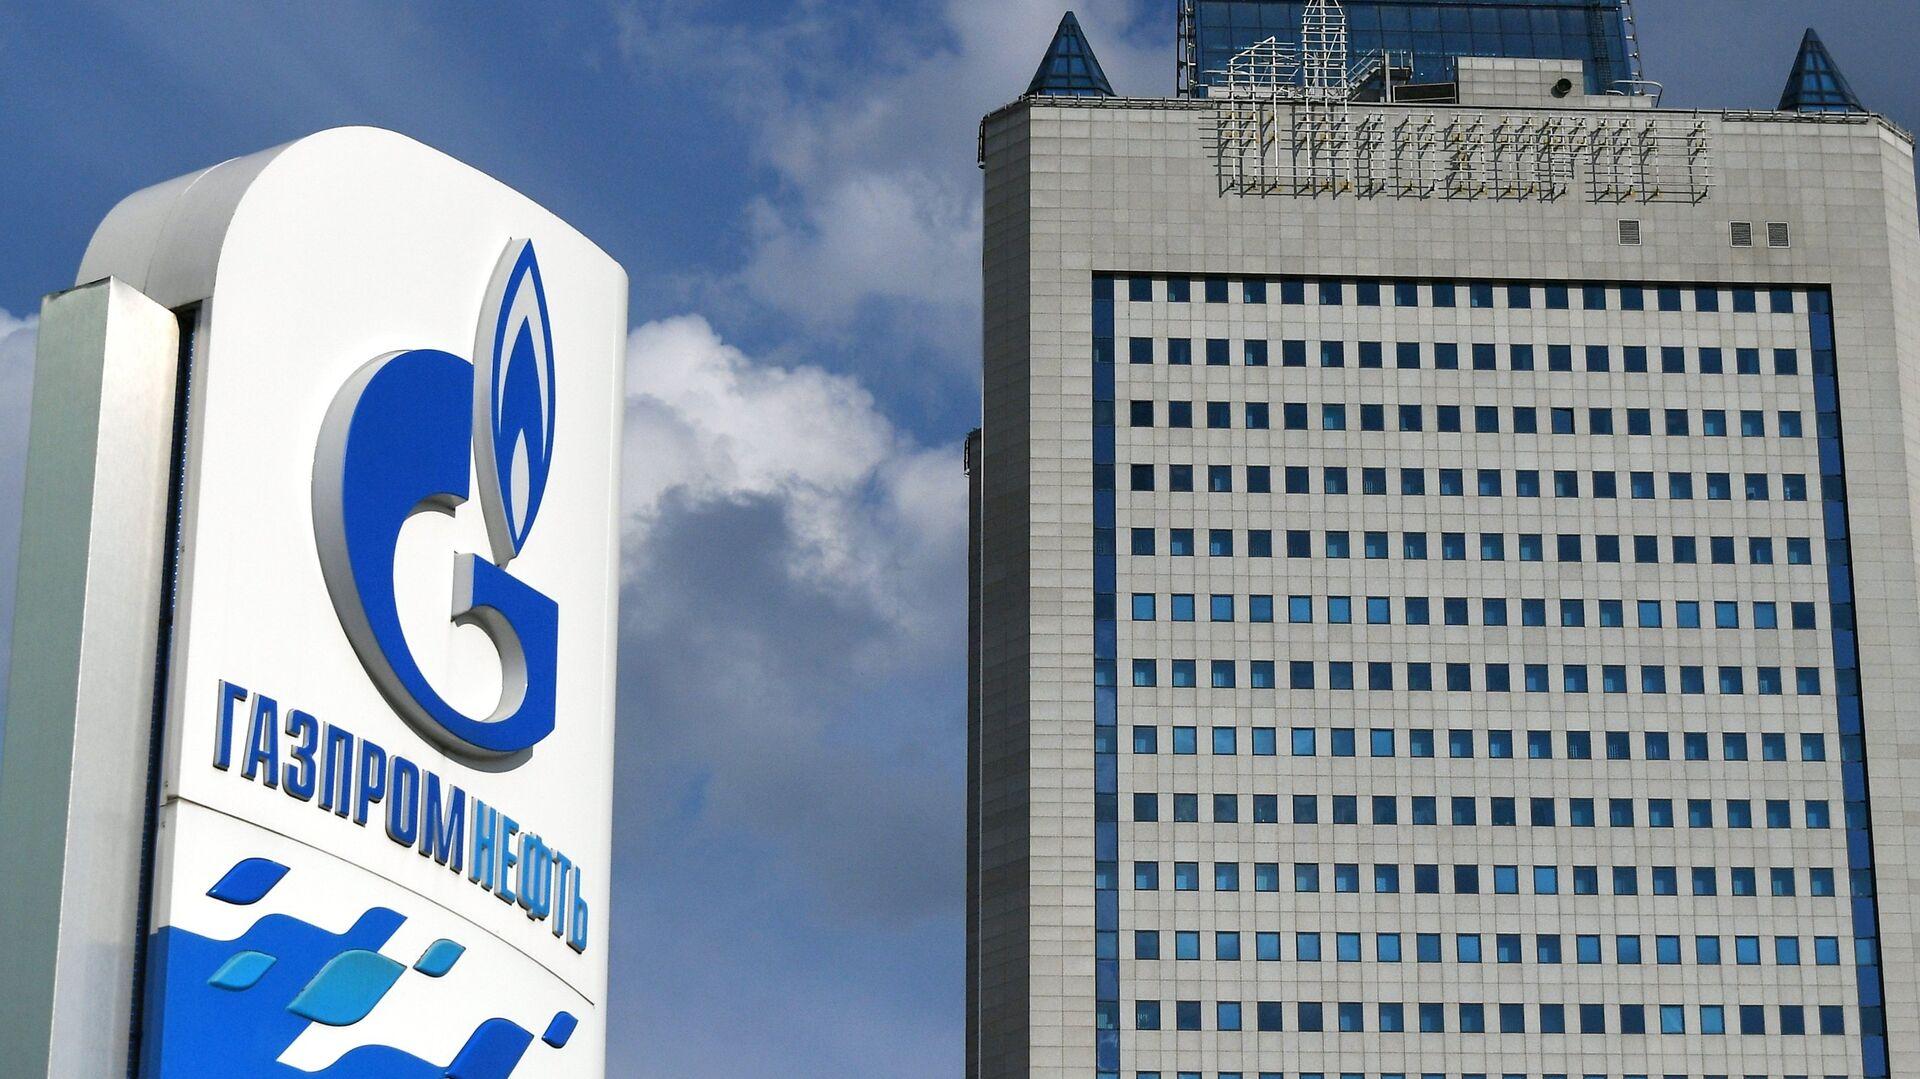 Здание компании Газпром в Москве  - РИА Новости, 1920, 24.07.2021